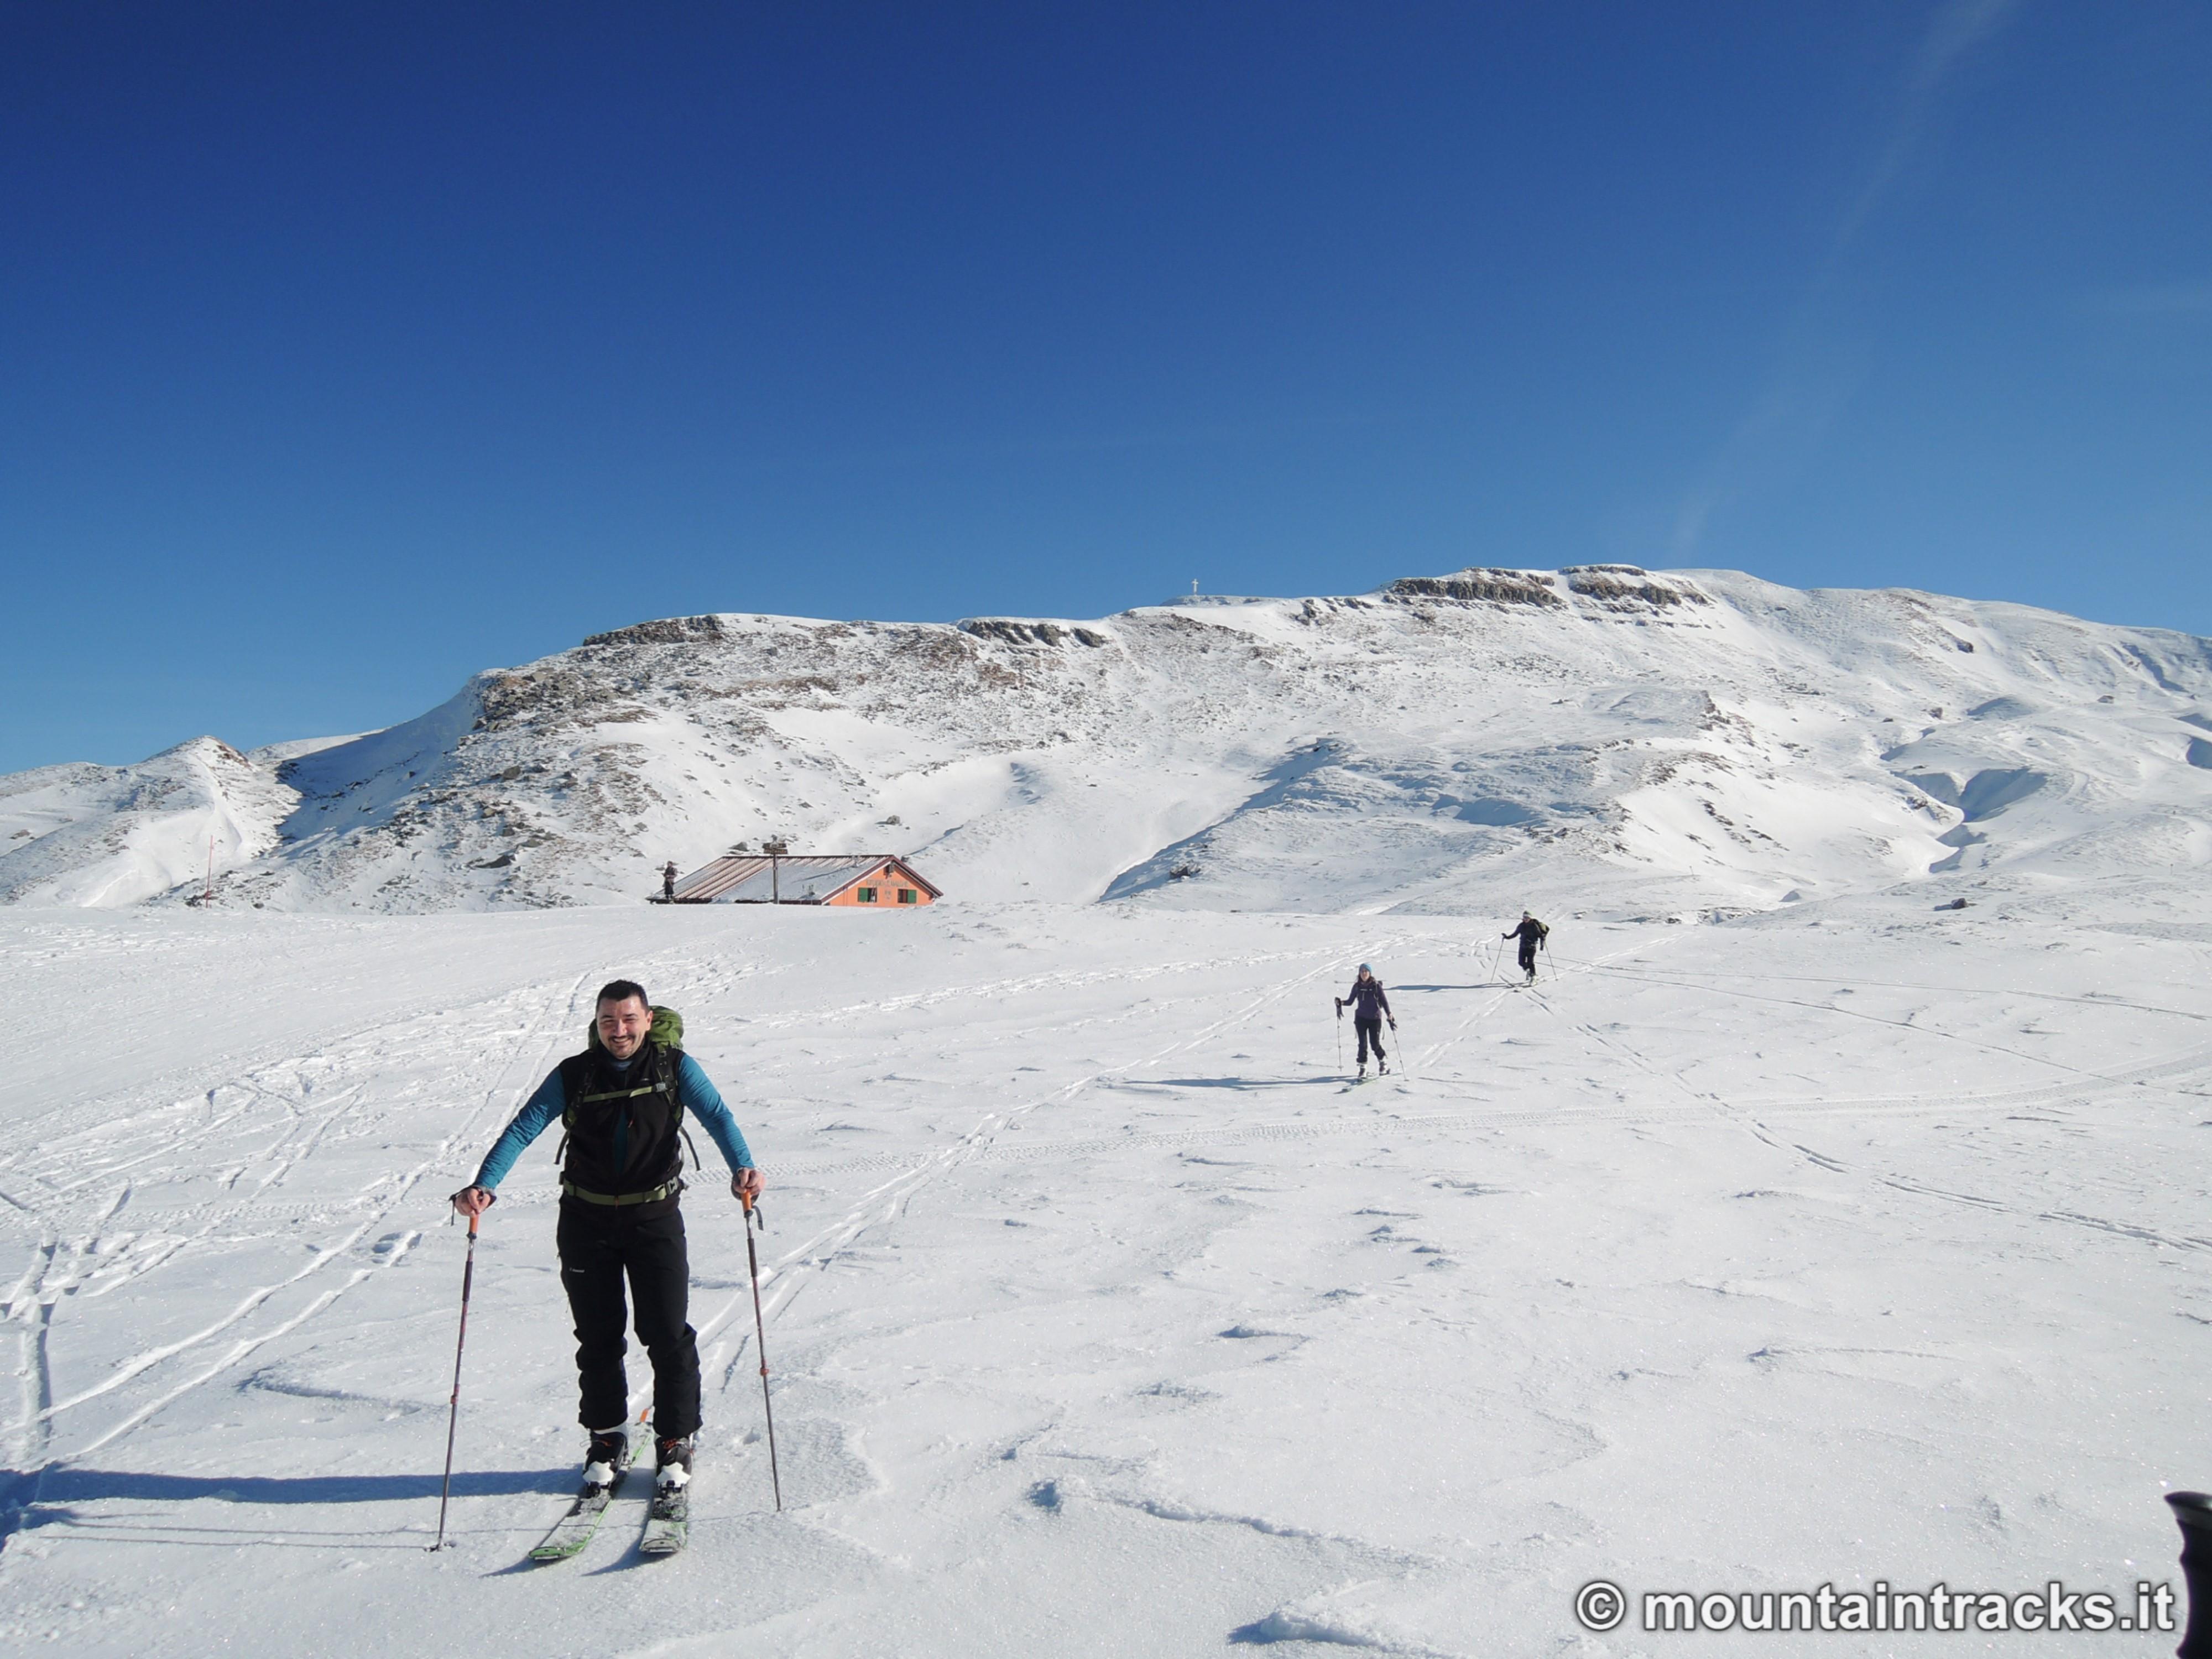 Le Malghe, mountain hut